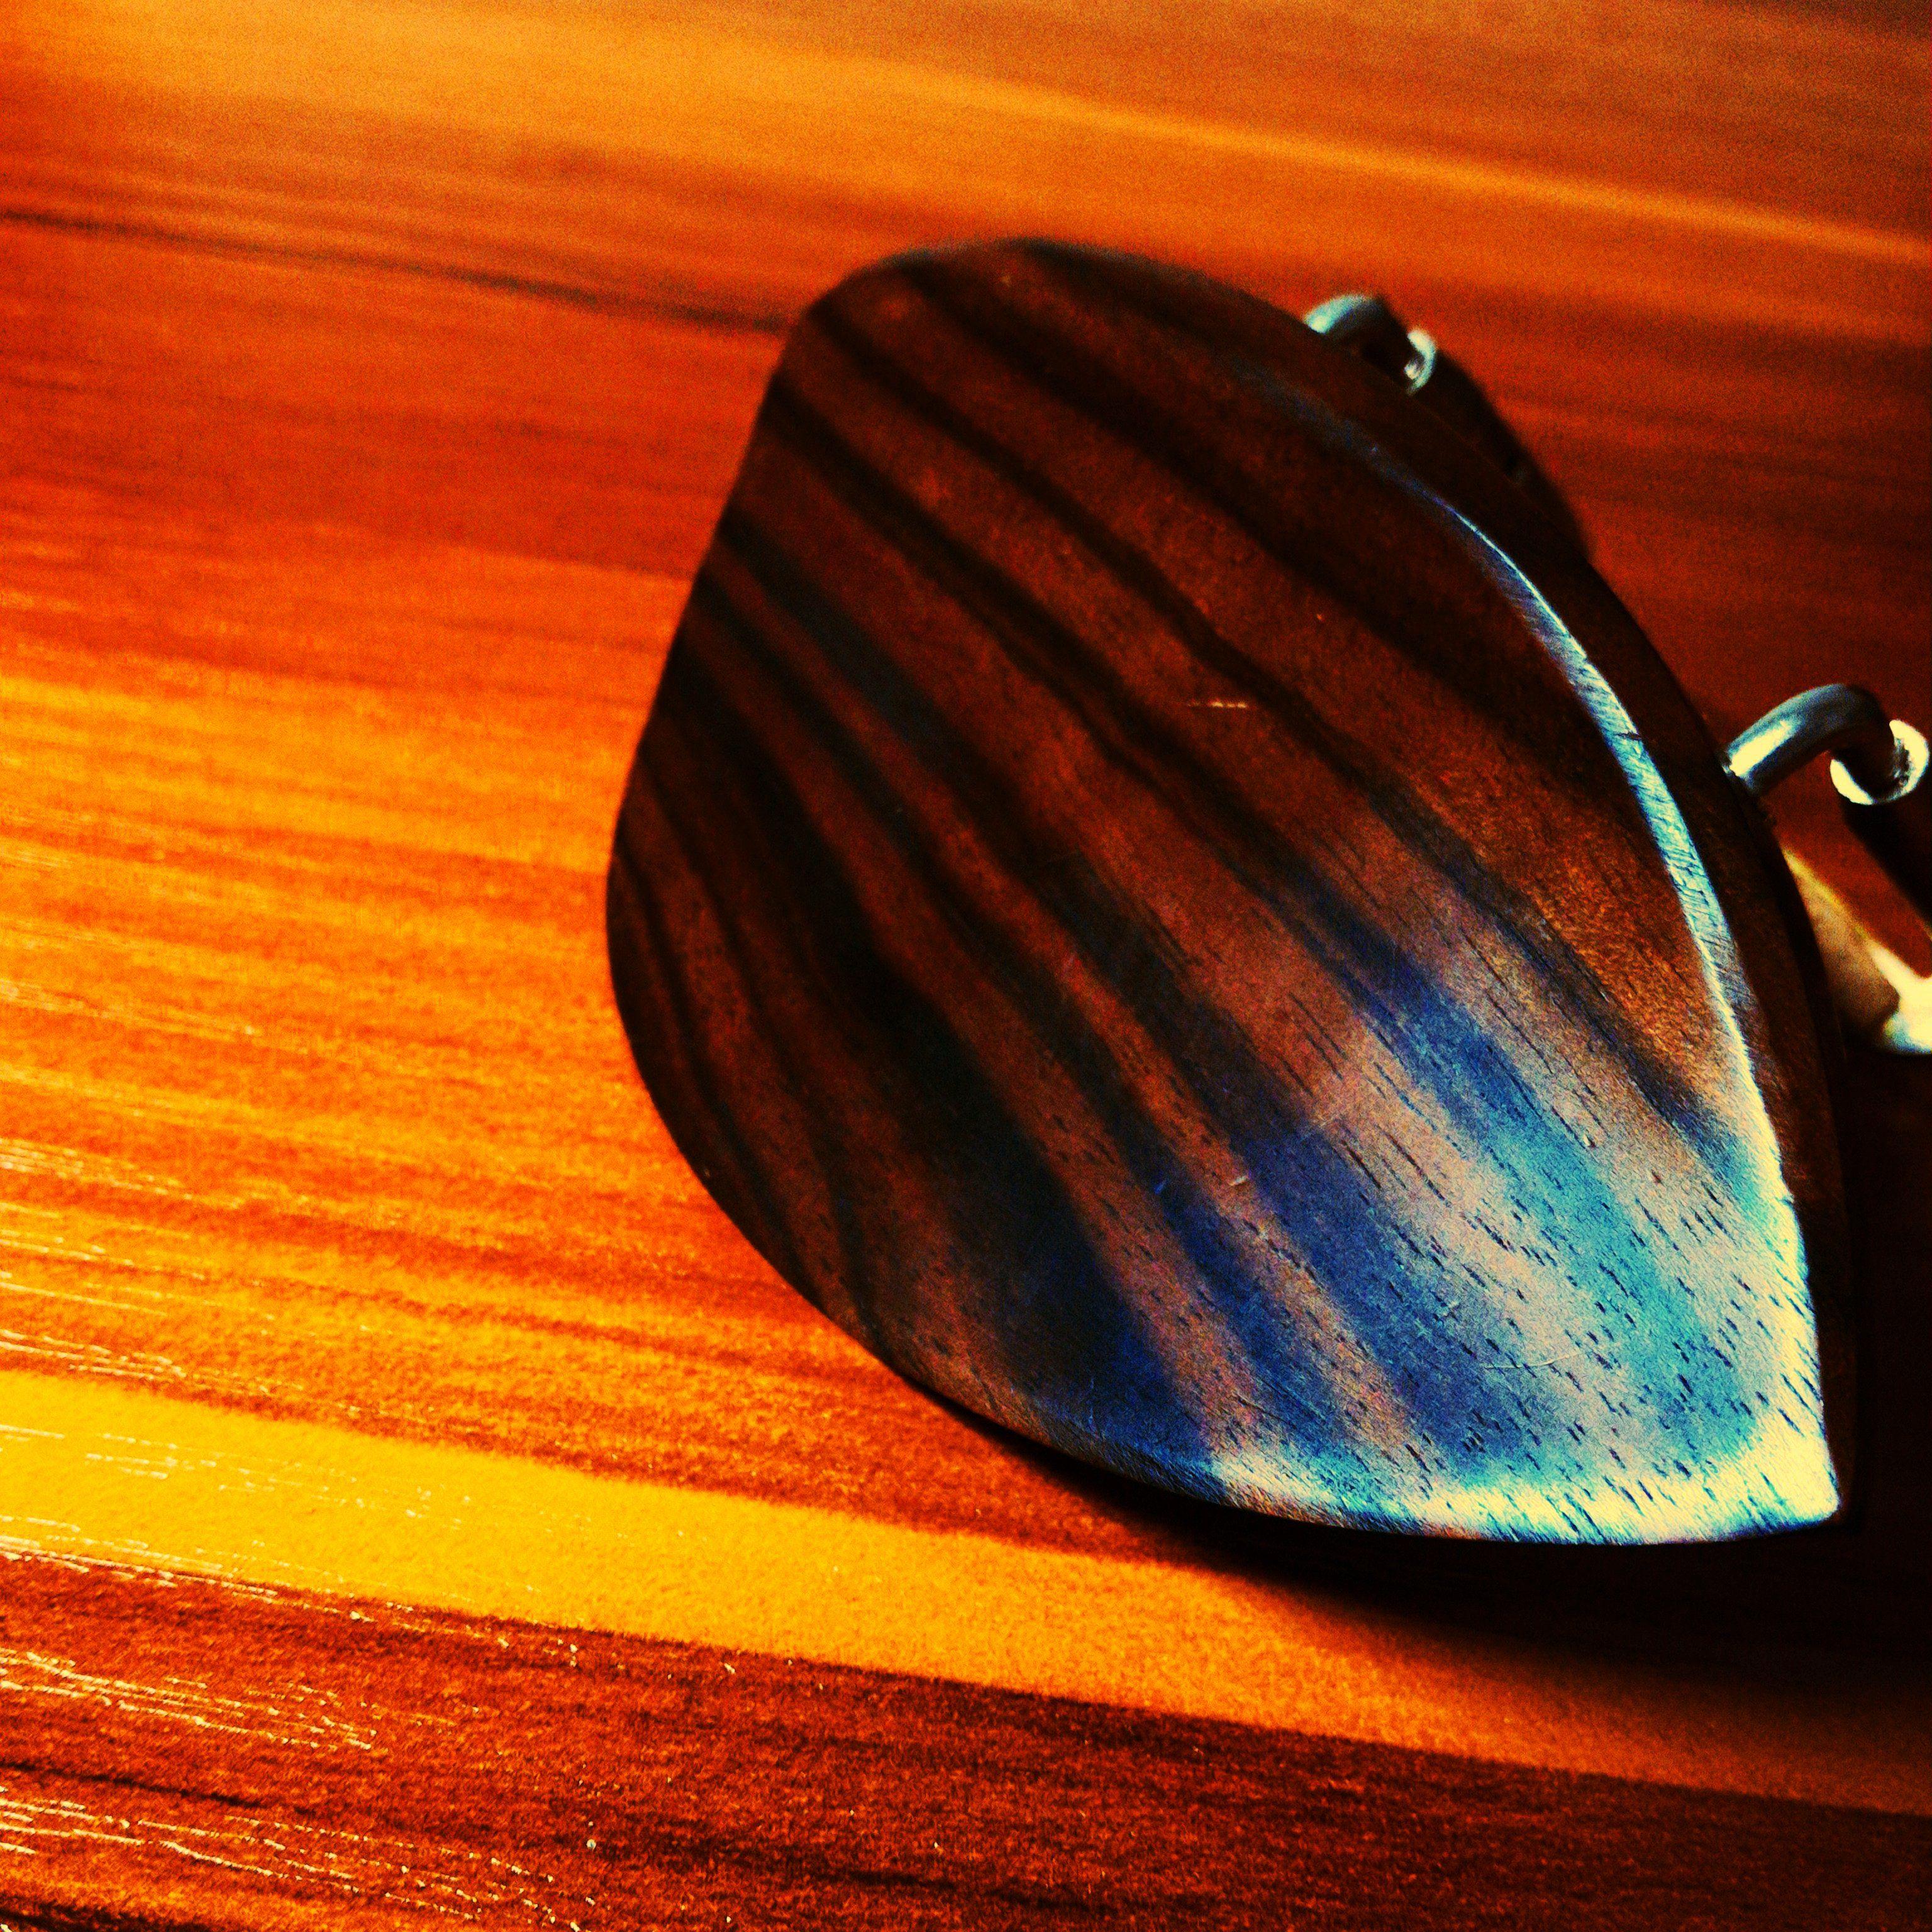 Fitting Nice Striped Pattern Chin Rest 本日はお客様のバイオリンに